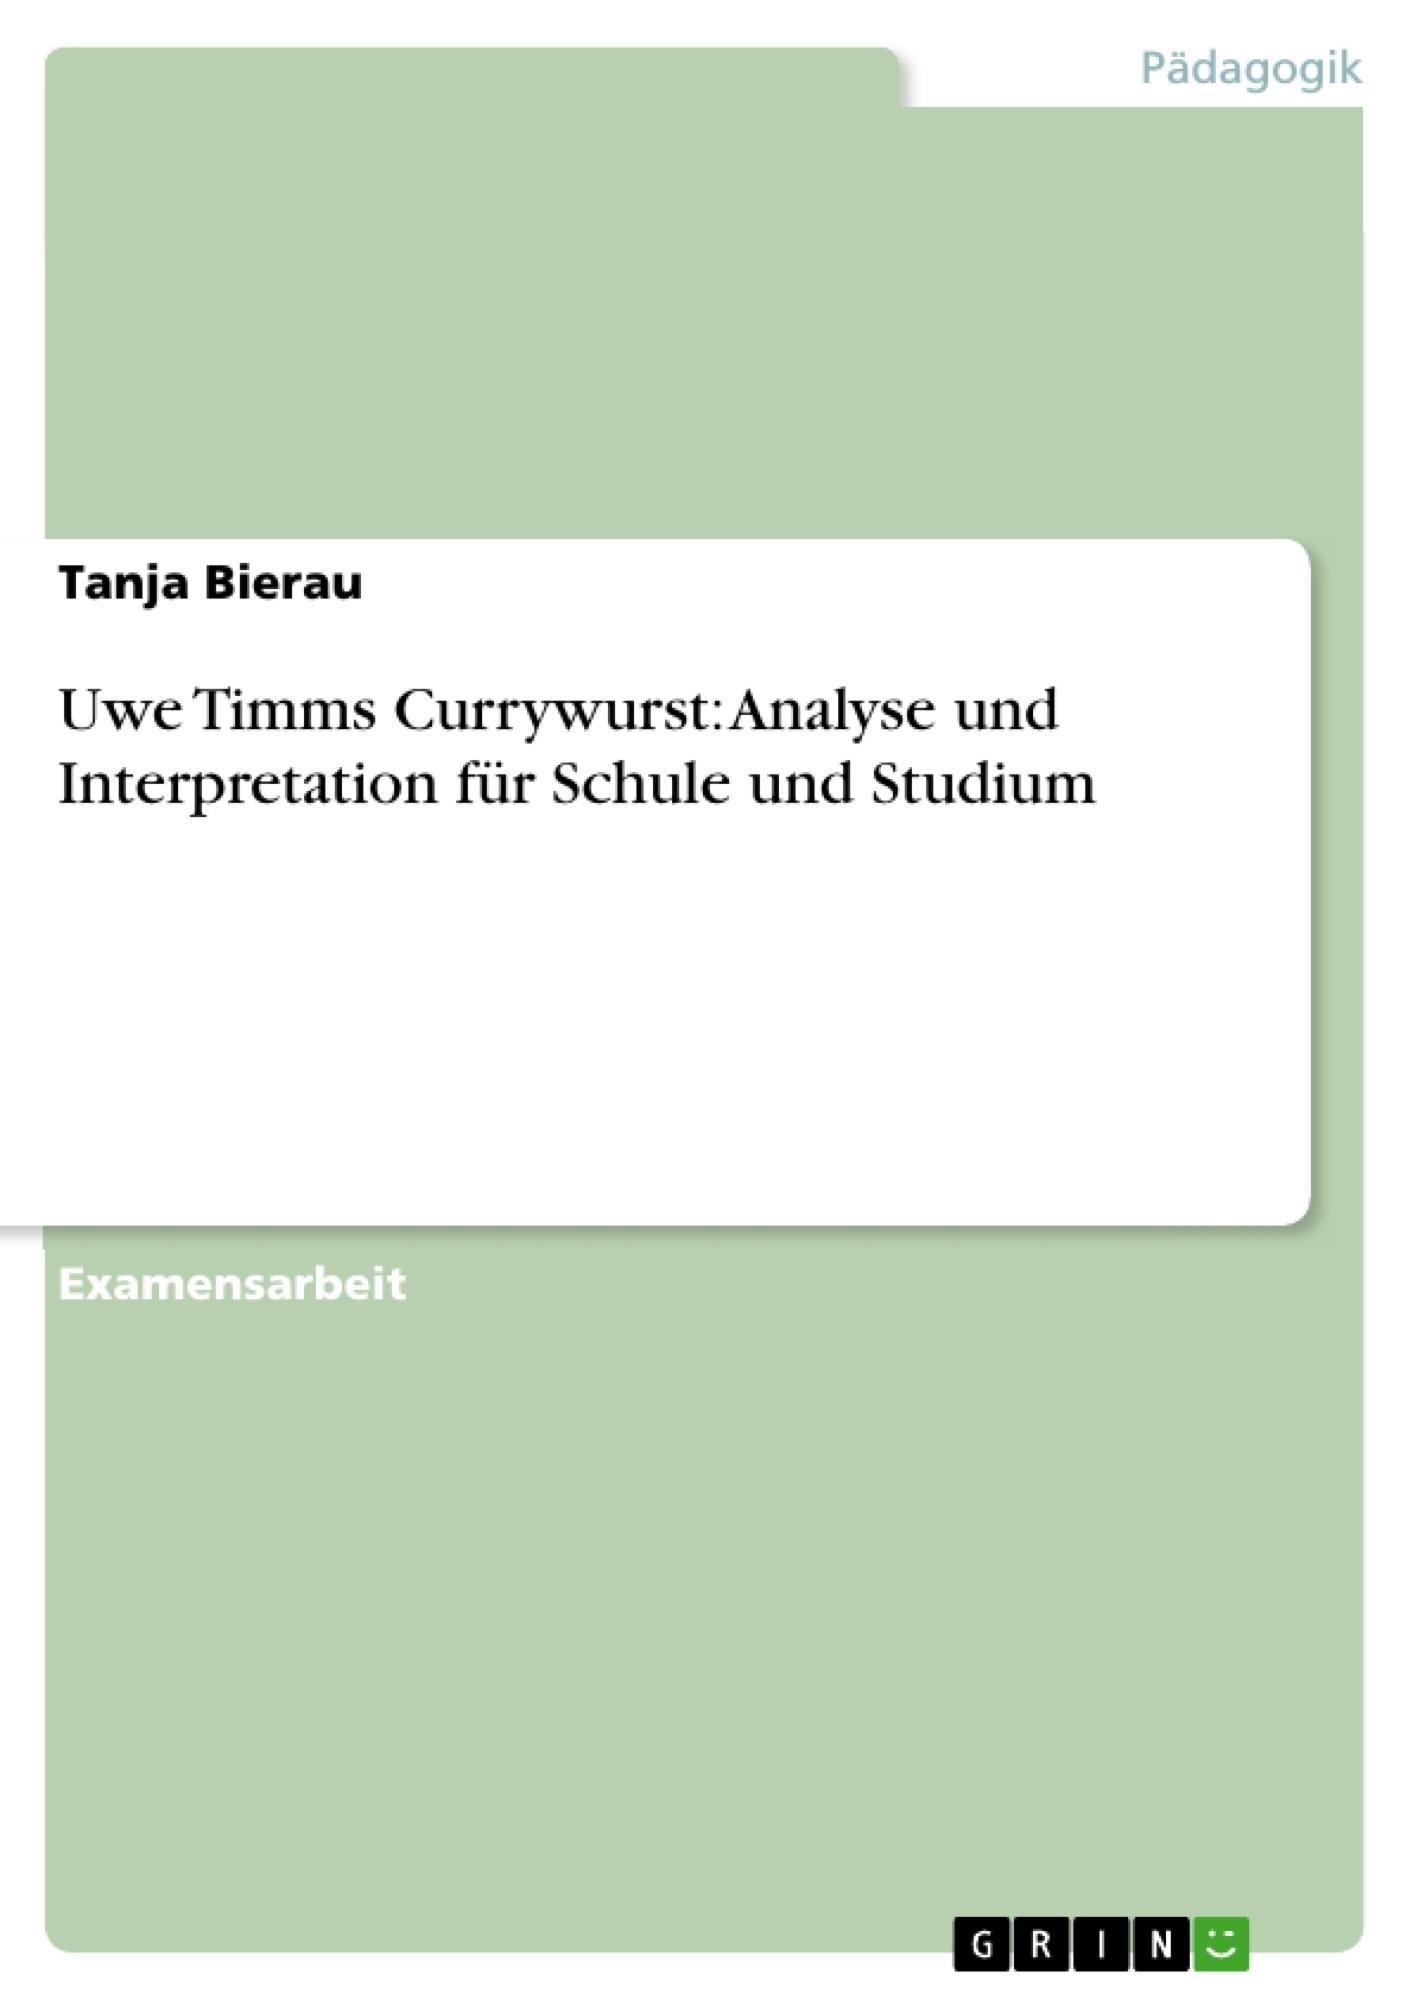 Titel: Uwe Timms Currywurst: Analyse und Interpretation für Schule und Studium